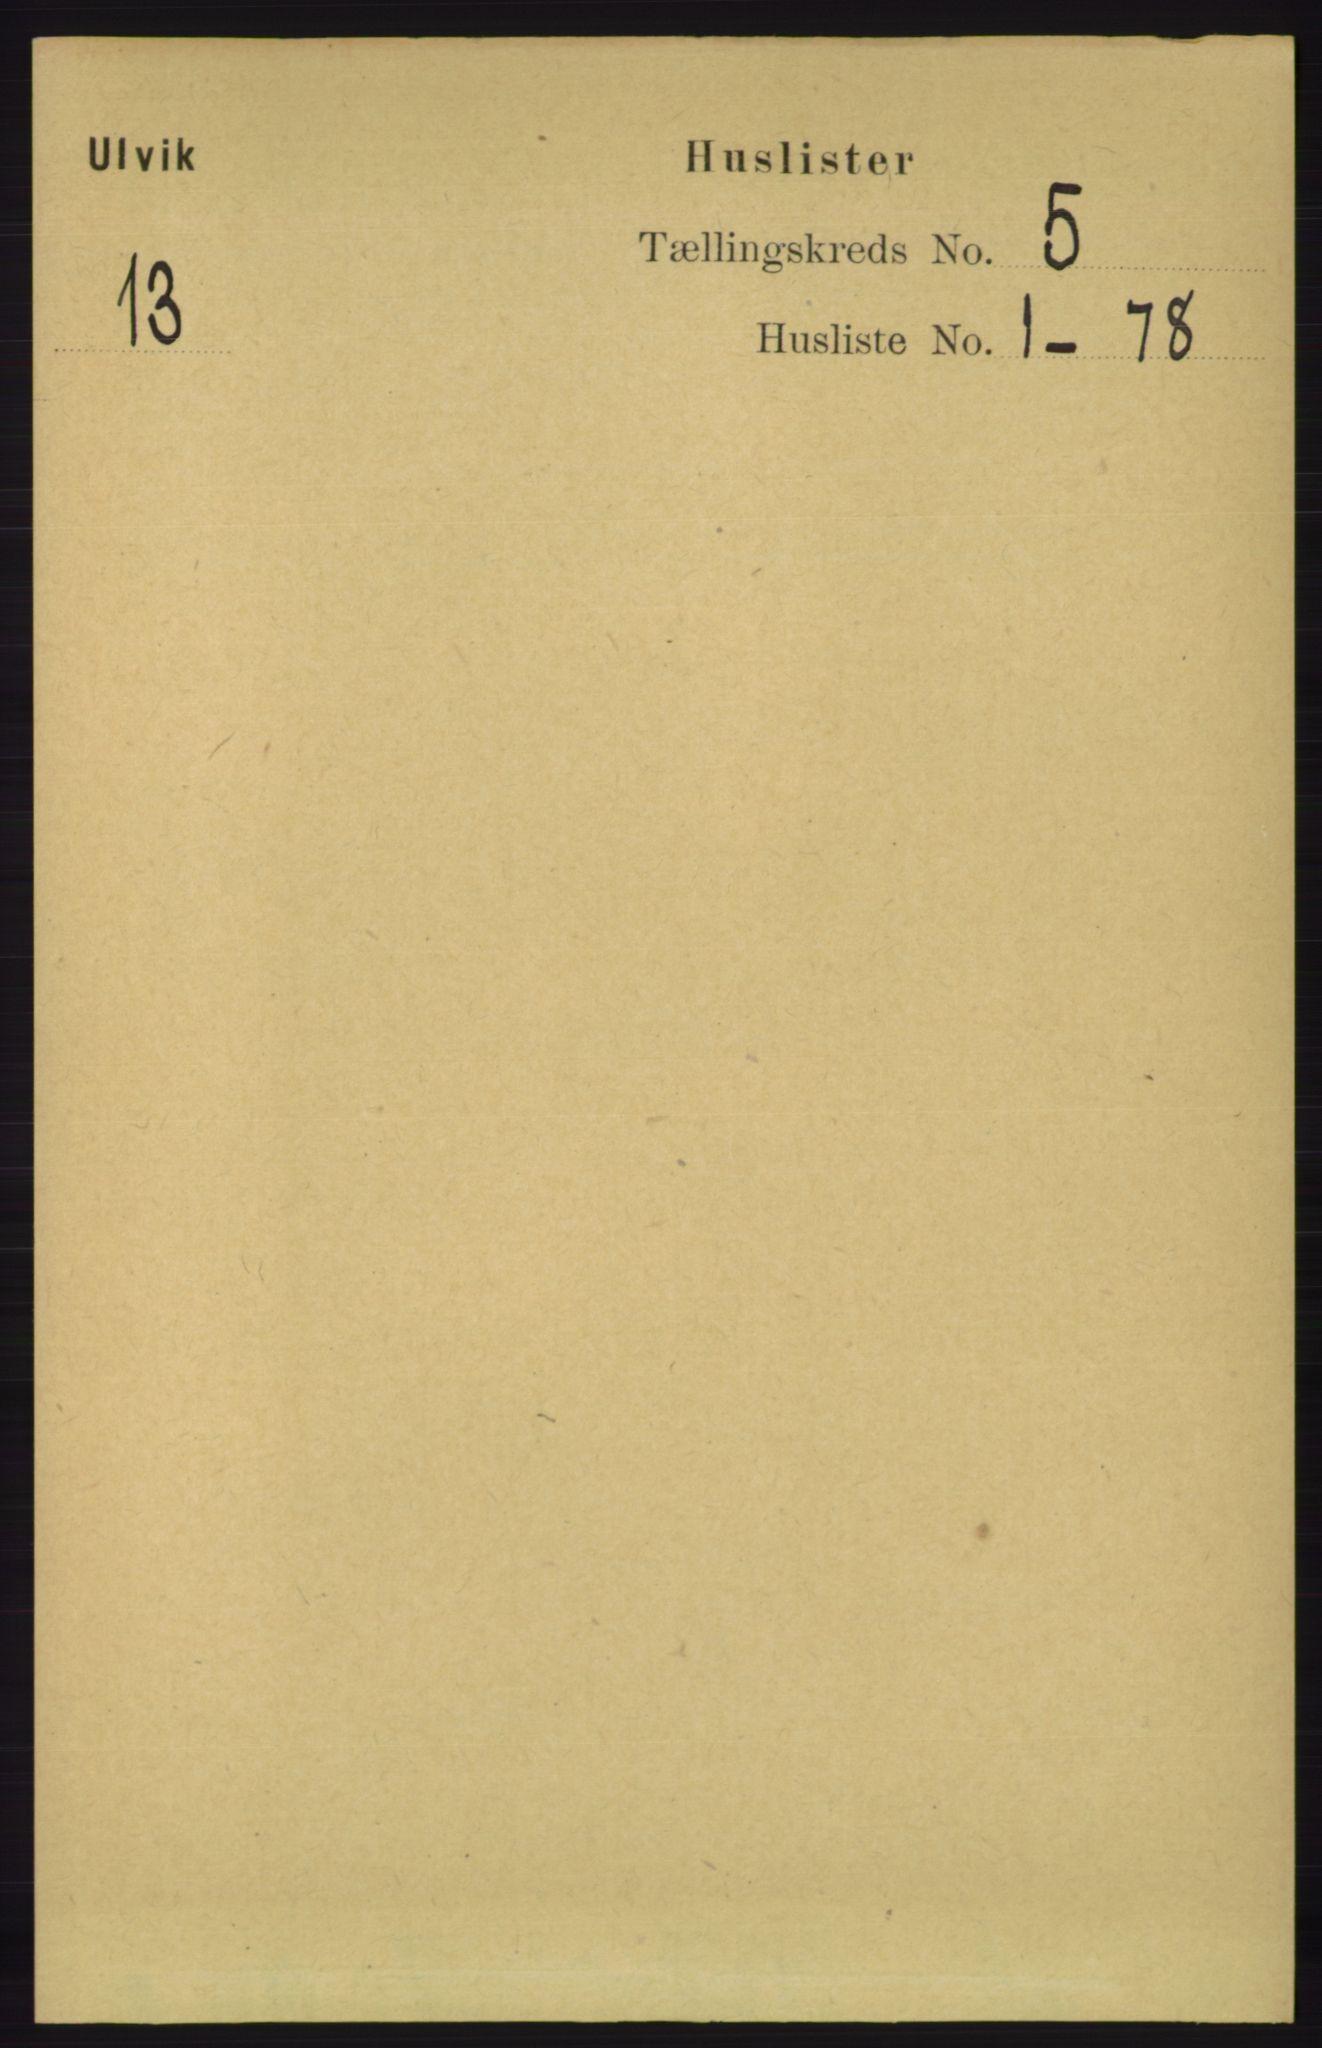 RA, Folketelling 1891 for 1233 Ulvik herred, 1891, s. 1322